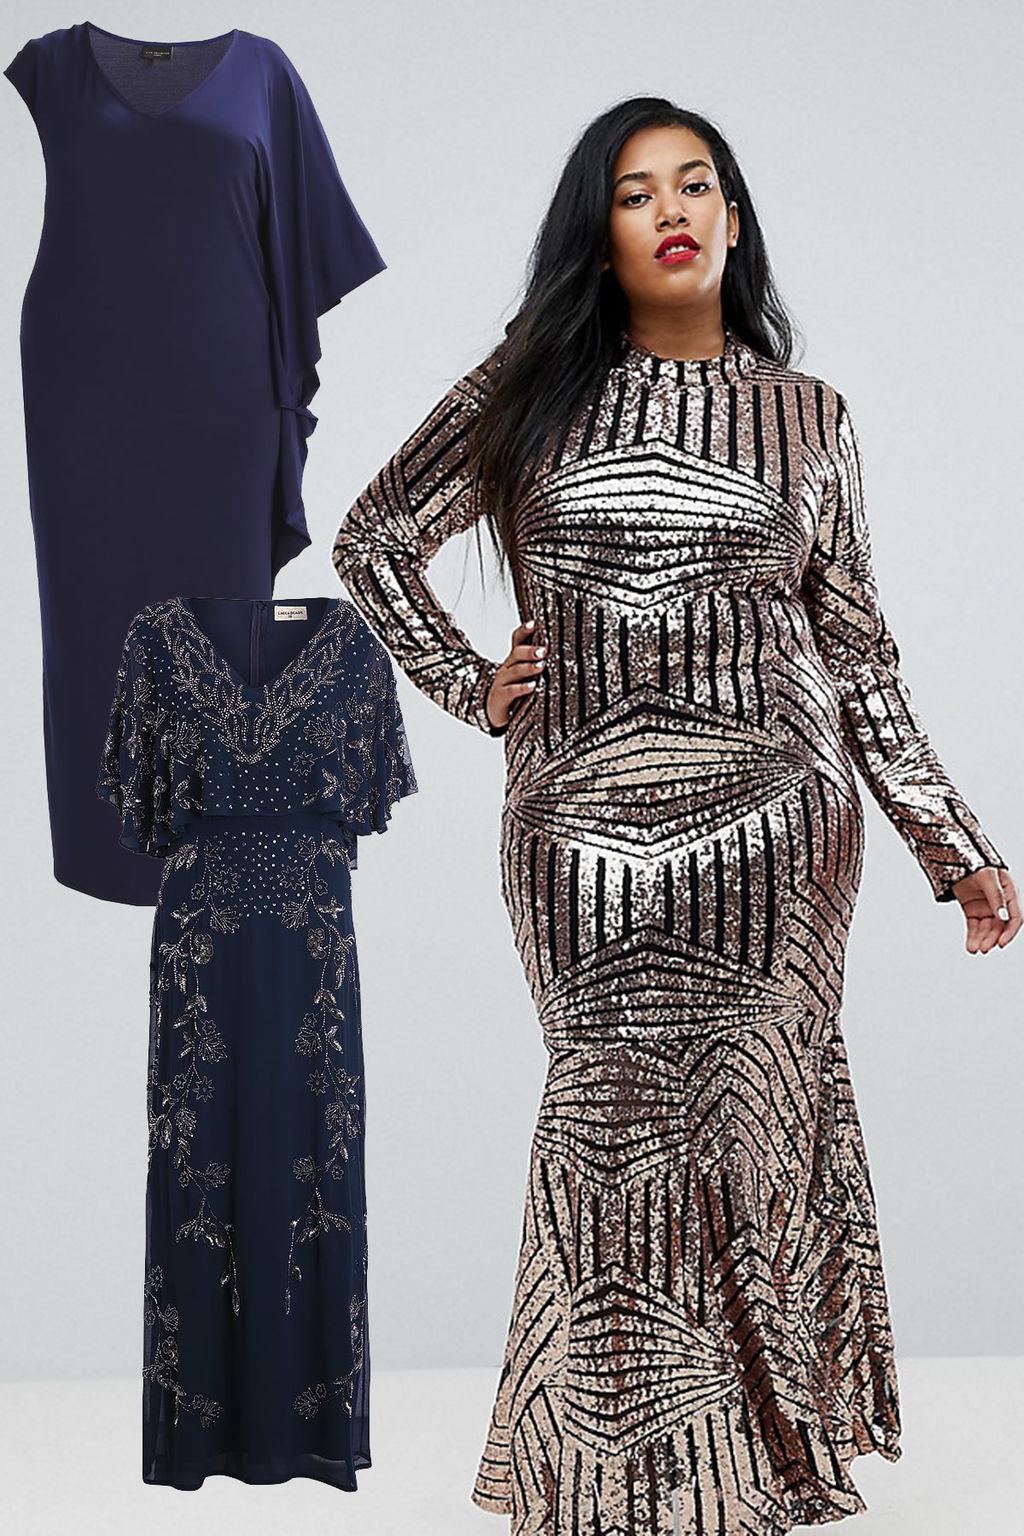 Designer Fantastisch Zero Abend Kleider Spezialgebiet20 Genial Zero Abend Kleider Boutique